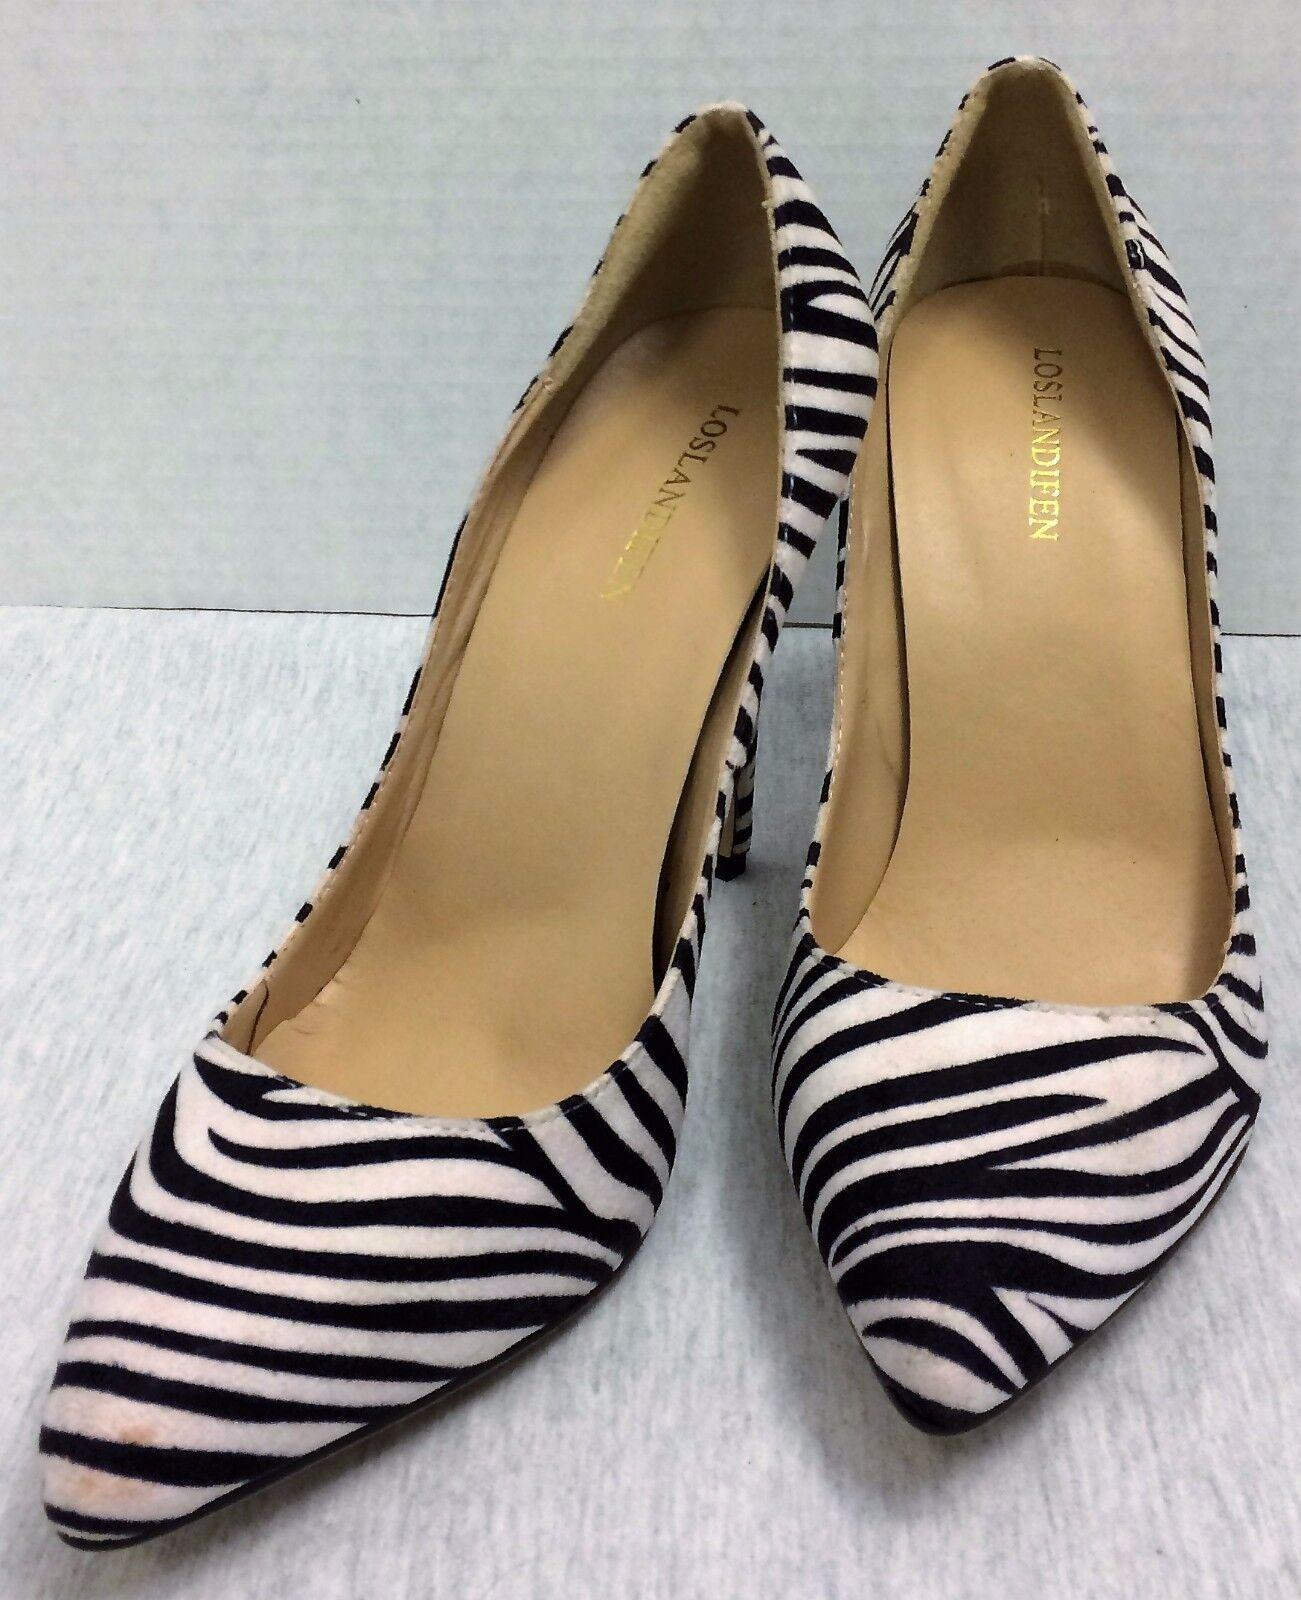 Loslandifen Size Zebra Print Heels Shoes Size Loslandifen 39 Eur Heels 4+ inches 003b64